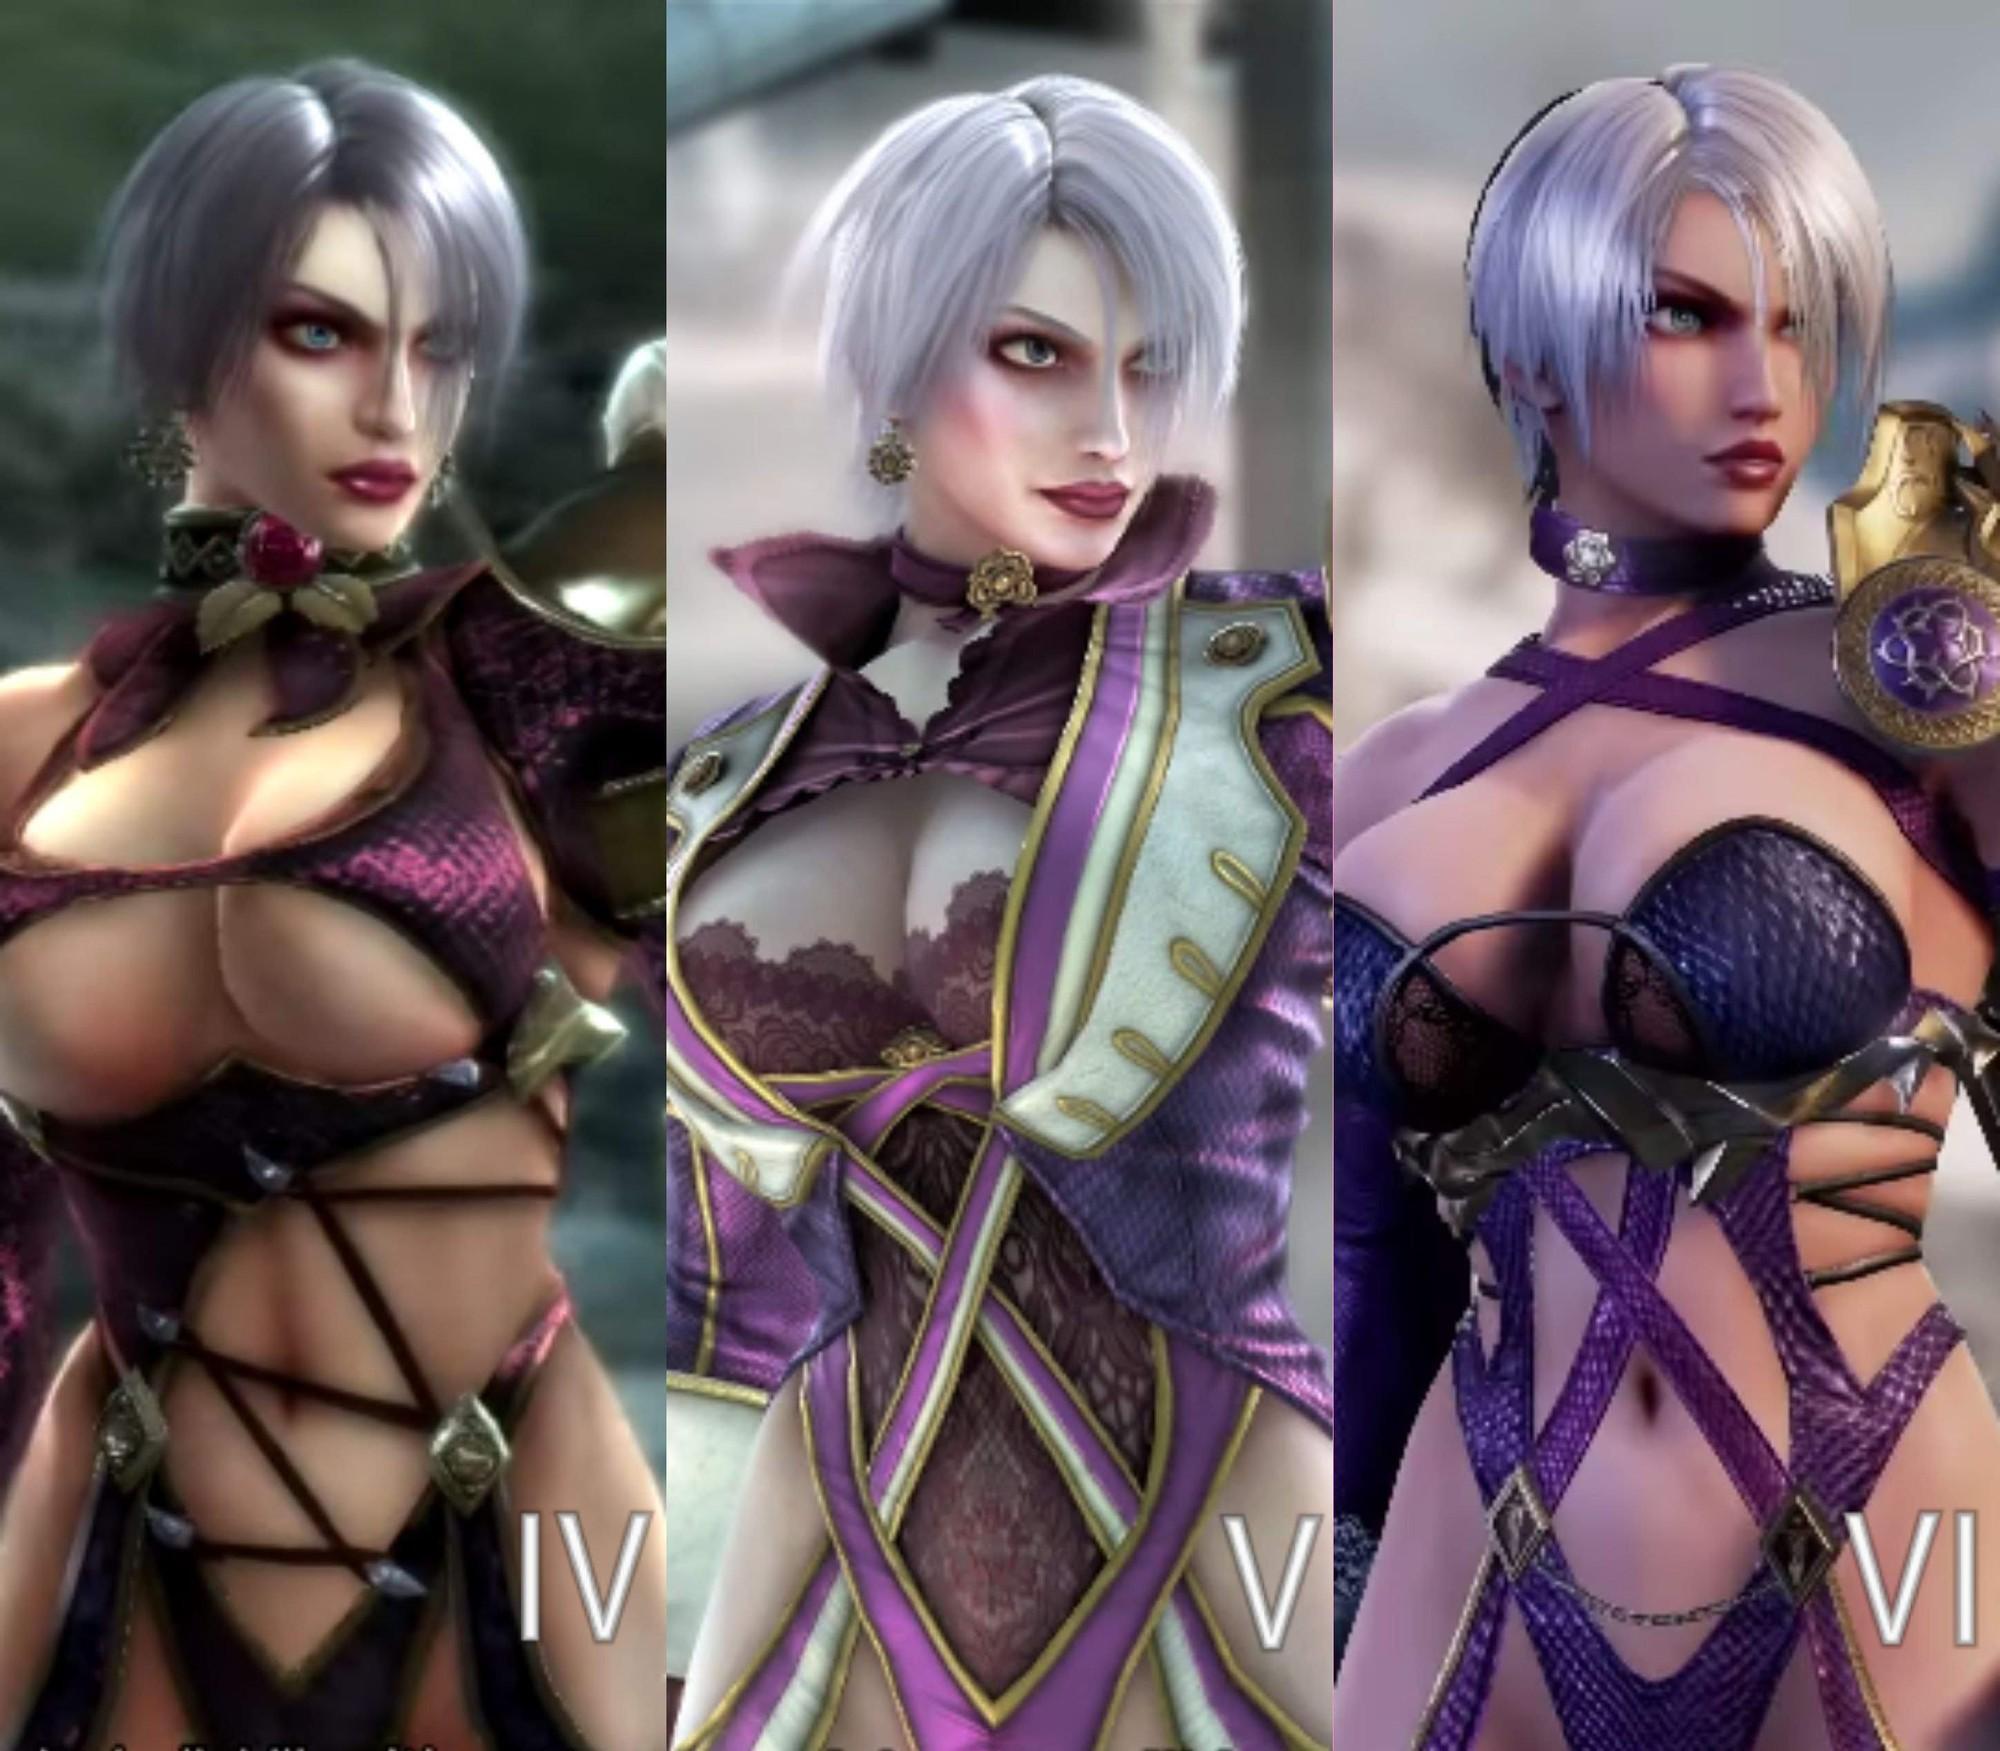 Muốn check đồ họa đỉnh cao của 1 tựa game ở Việt Nam, hãy nhìn vào mắt của nhân vật nữ thay vì... ngực - Ảnh 1.